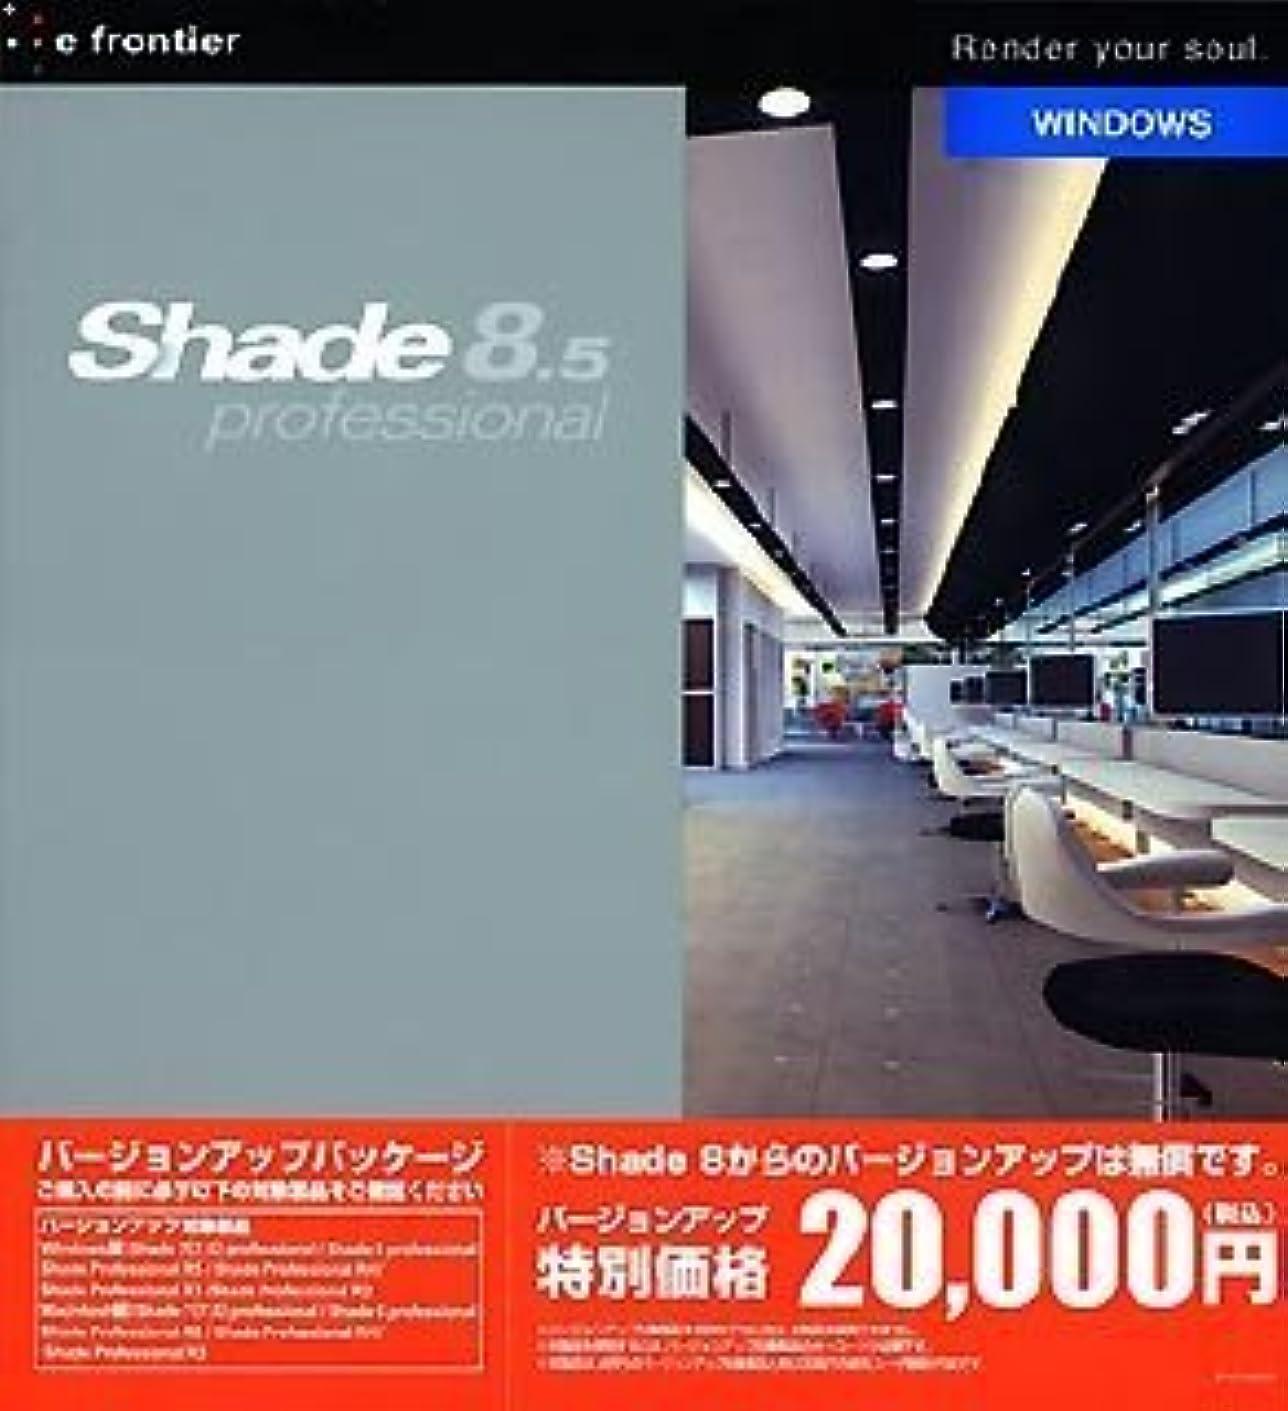 アンビエントエキゾチック聖域Shade 8.5 professional for Windows バージョンアップ版